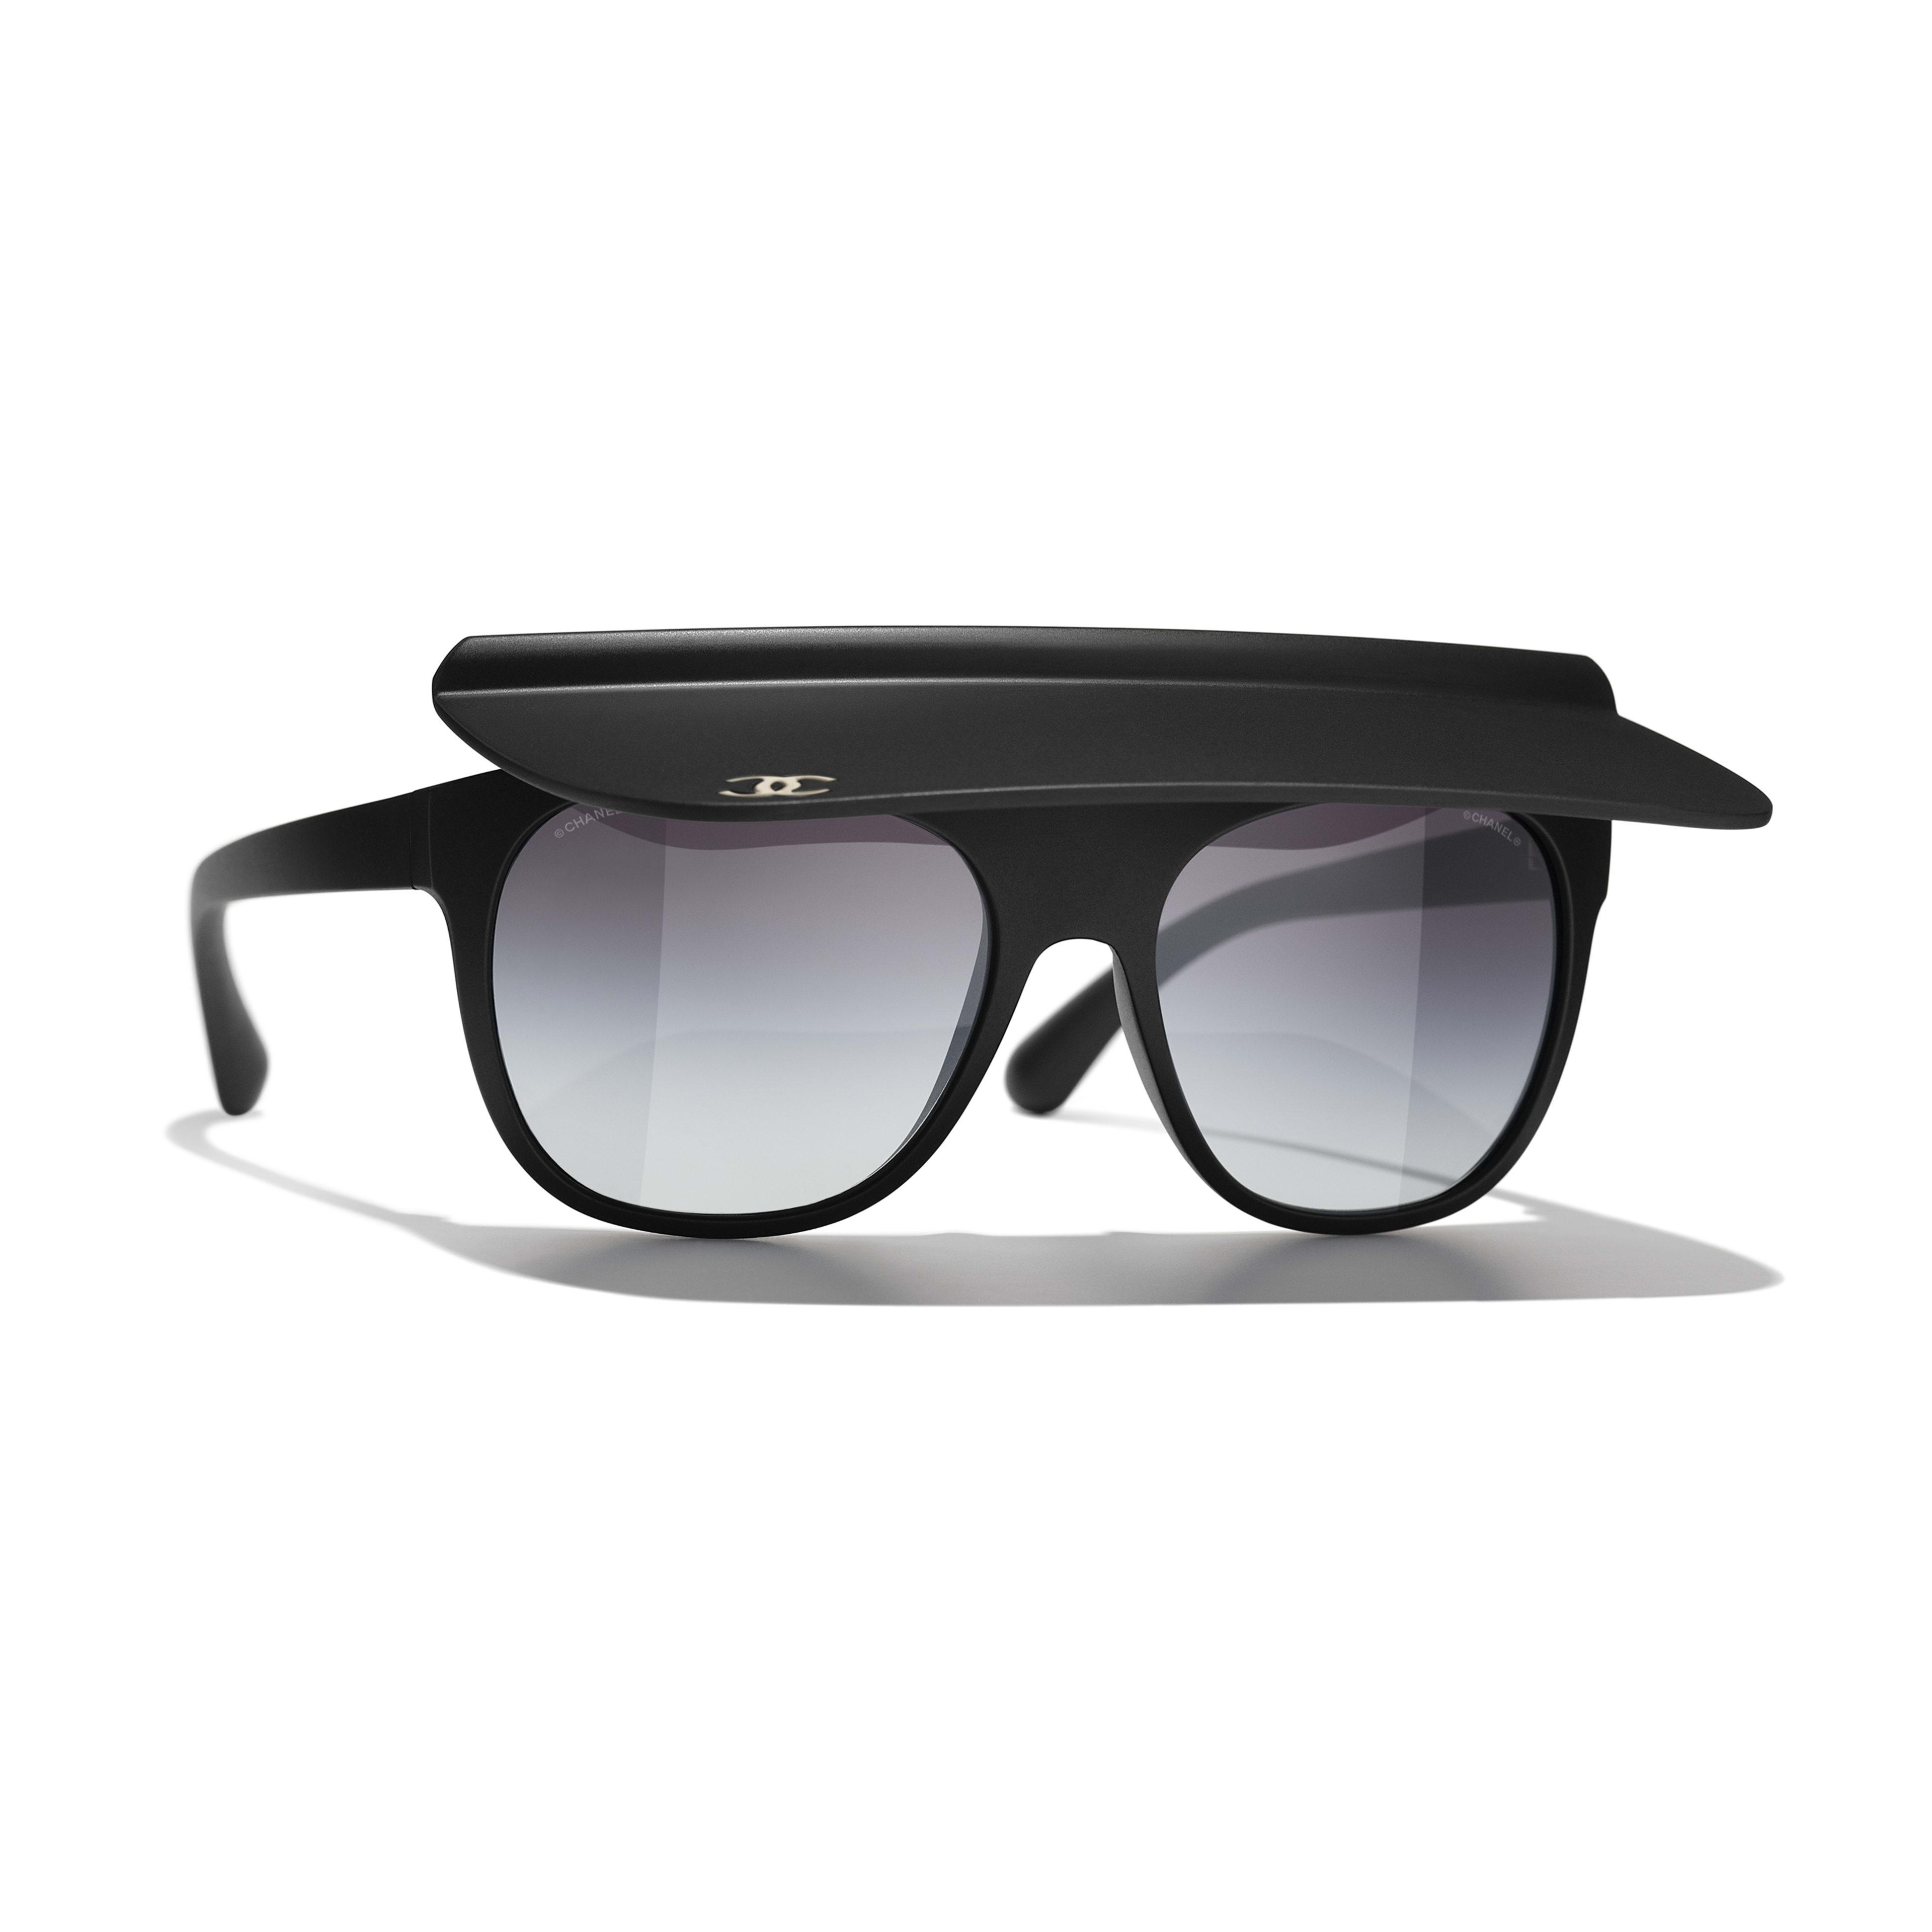 Occhiali a visiera - Nero - Nylon - CHANEL - Immagine predefinita - vedere versione standard